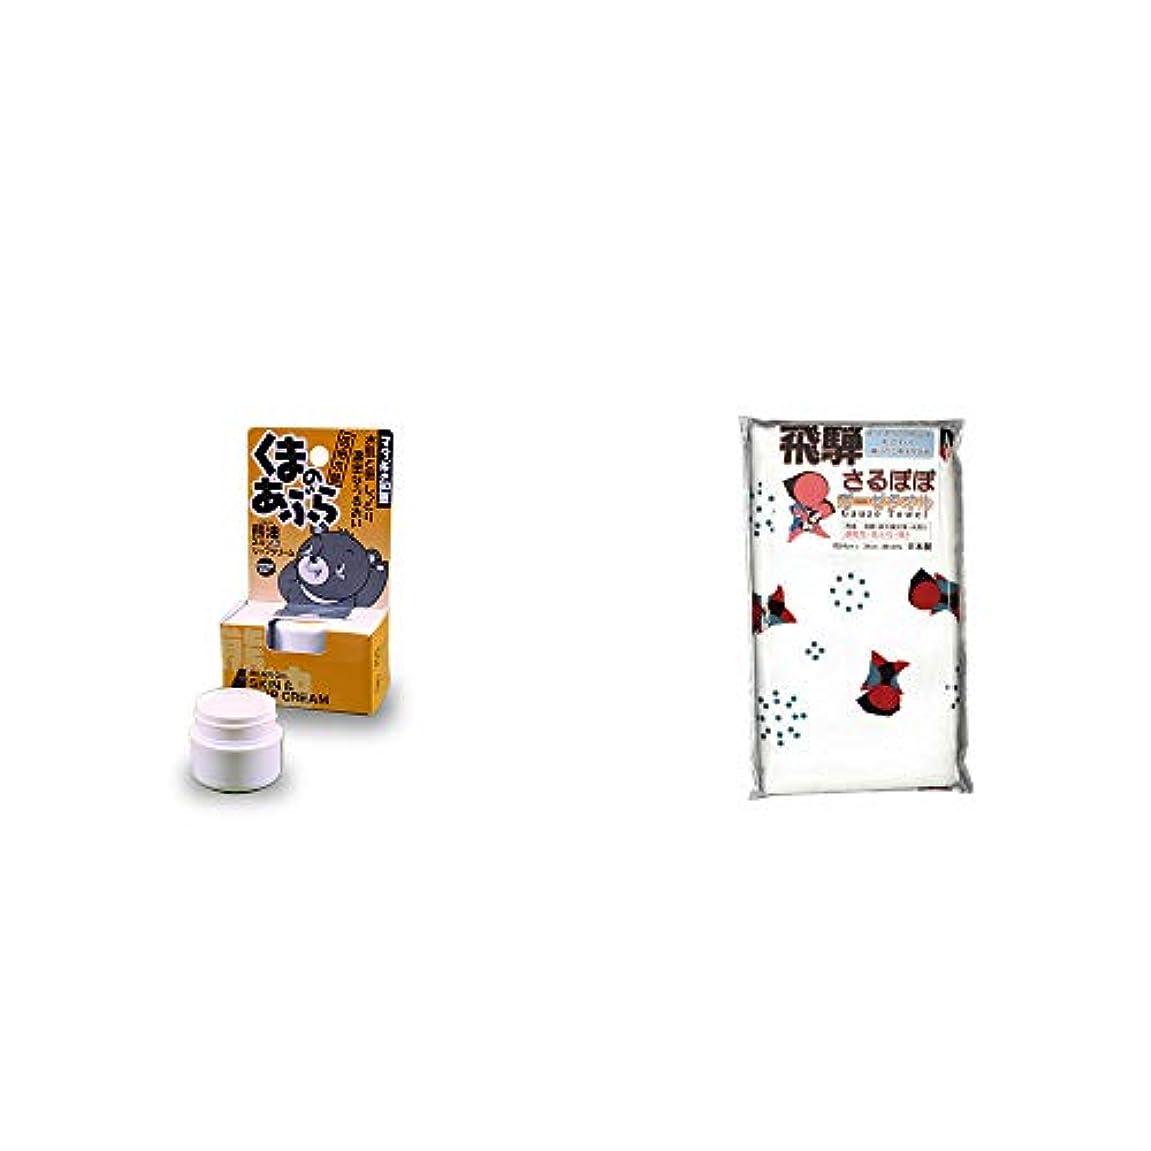 出会い実際の展示会[2点セット] 信州木曽 くまのあぶら 熊油スキン&リップクリーム(9g)?飛騨さるぼぼ ガーゼタオル